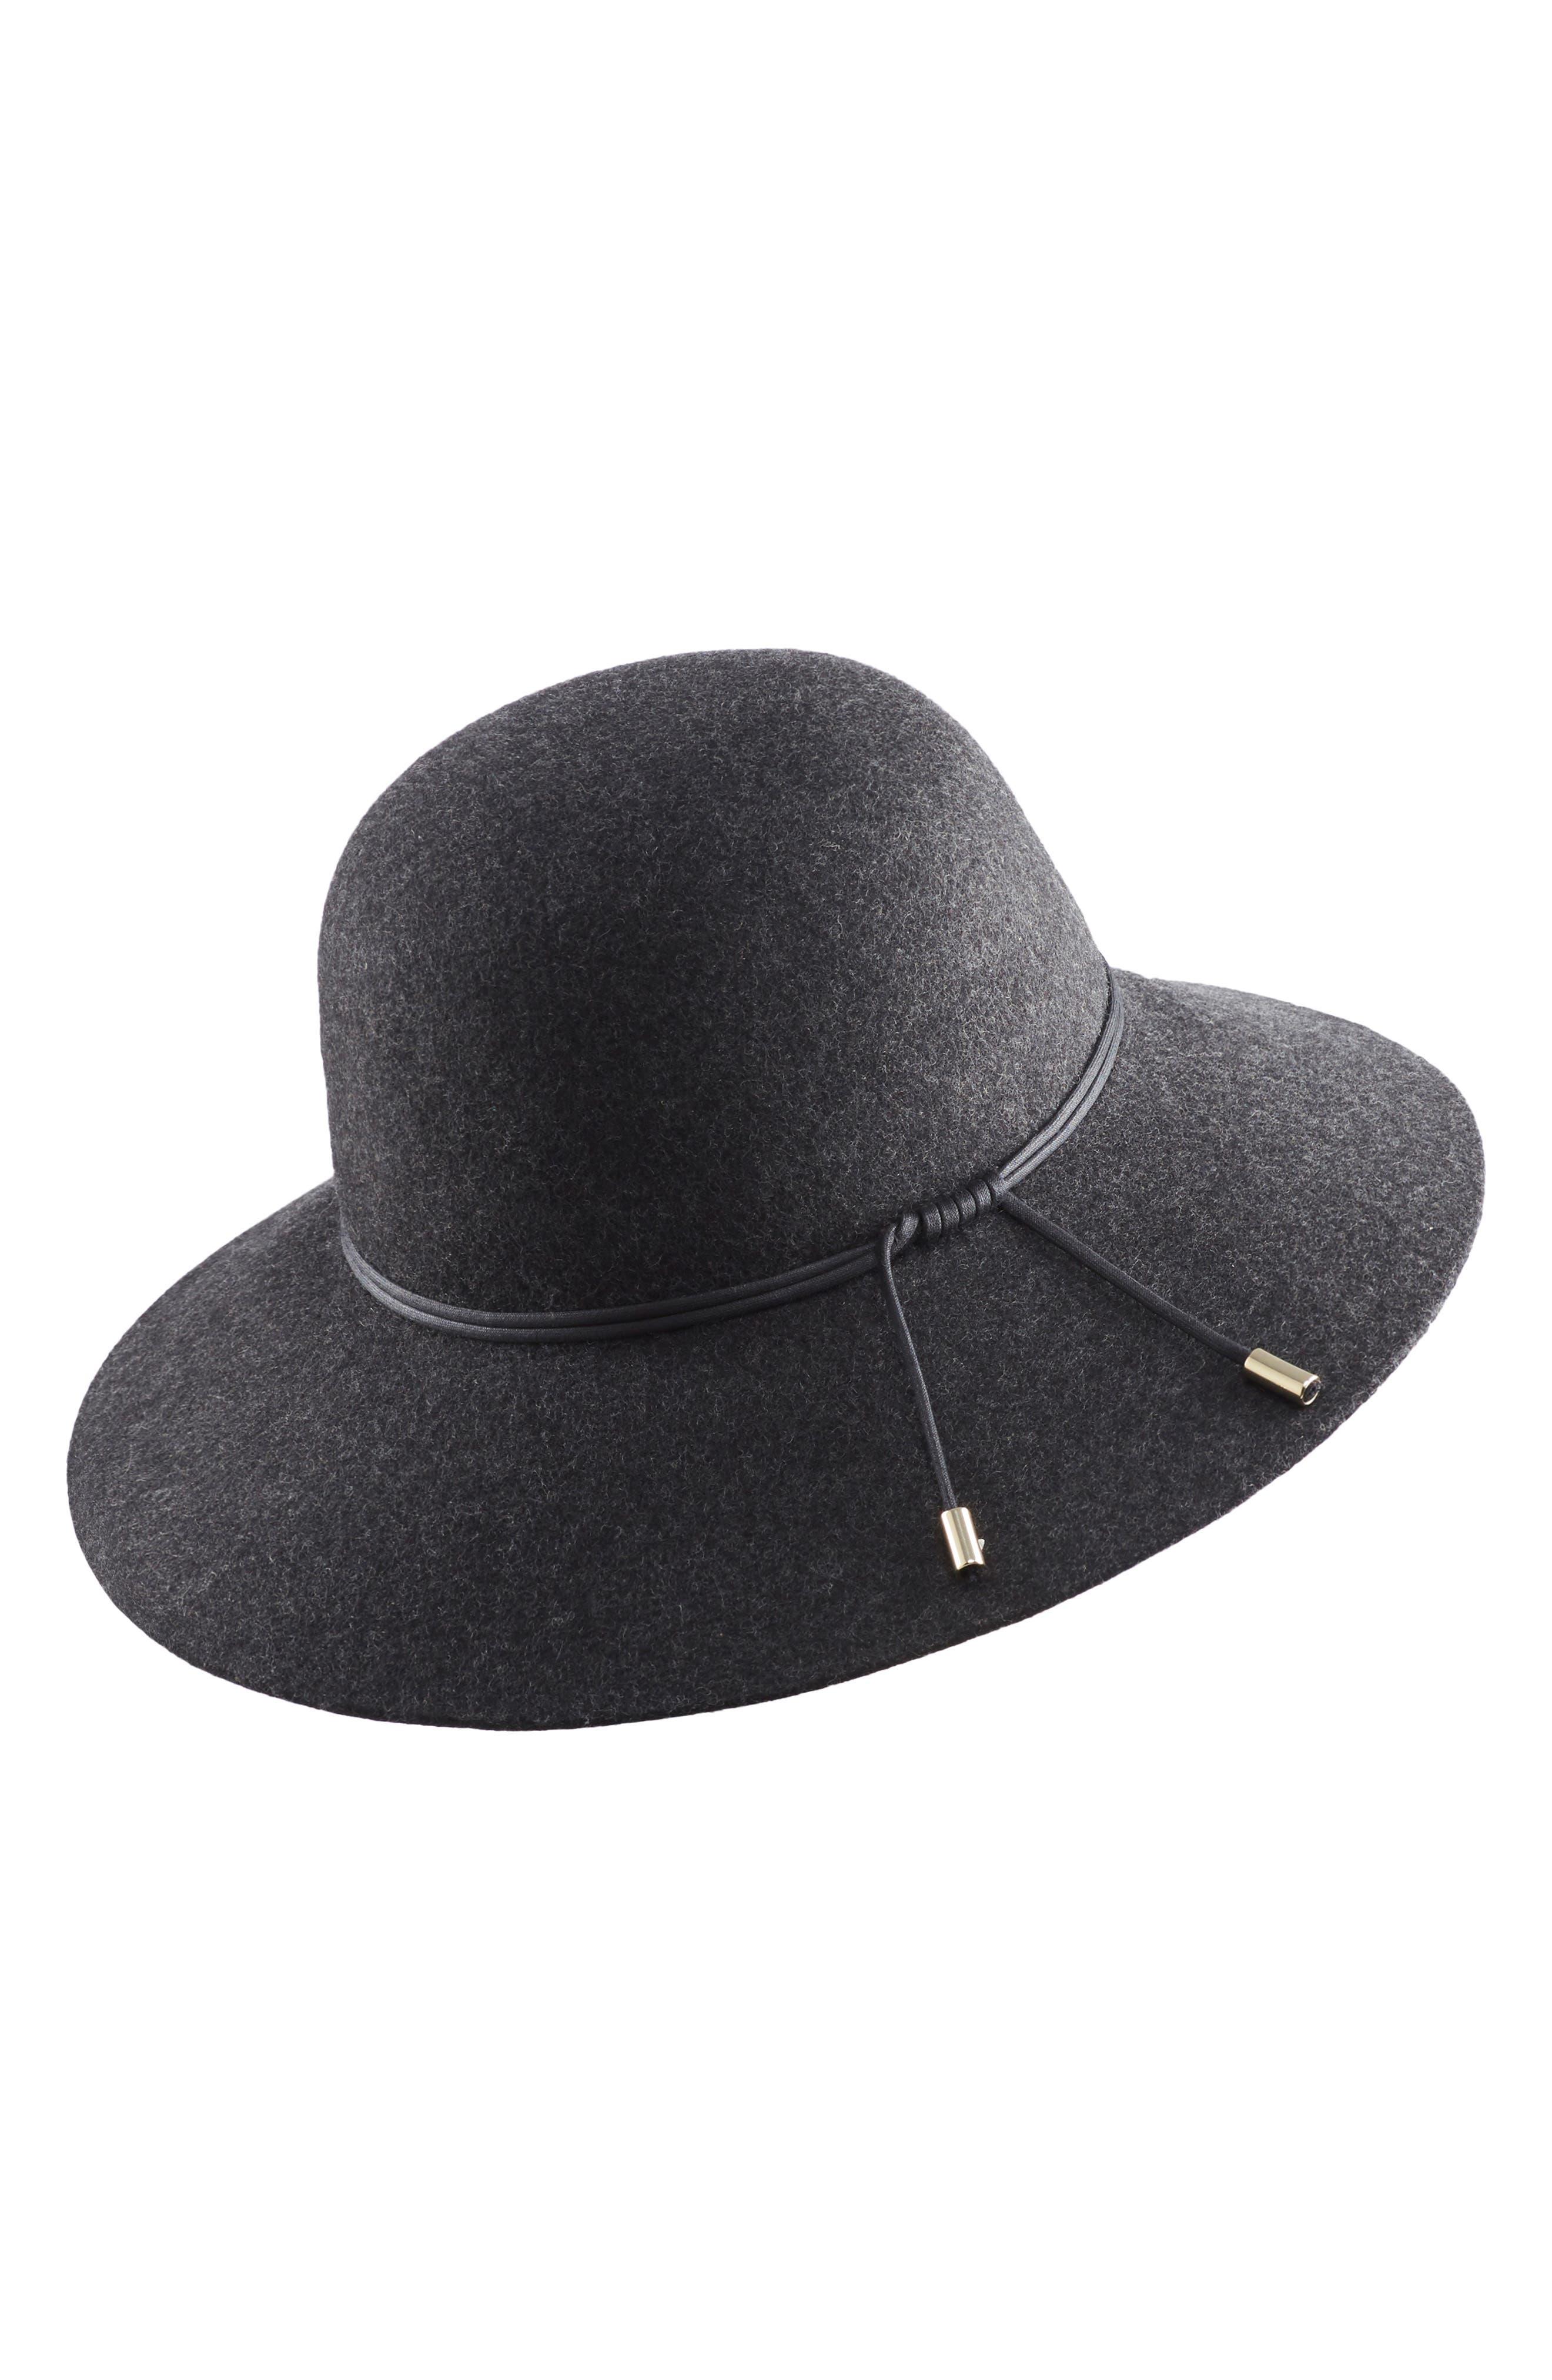 HELEN KAMINSKI Wool Hat - Black in Knight Melange/ Black